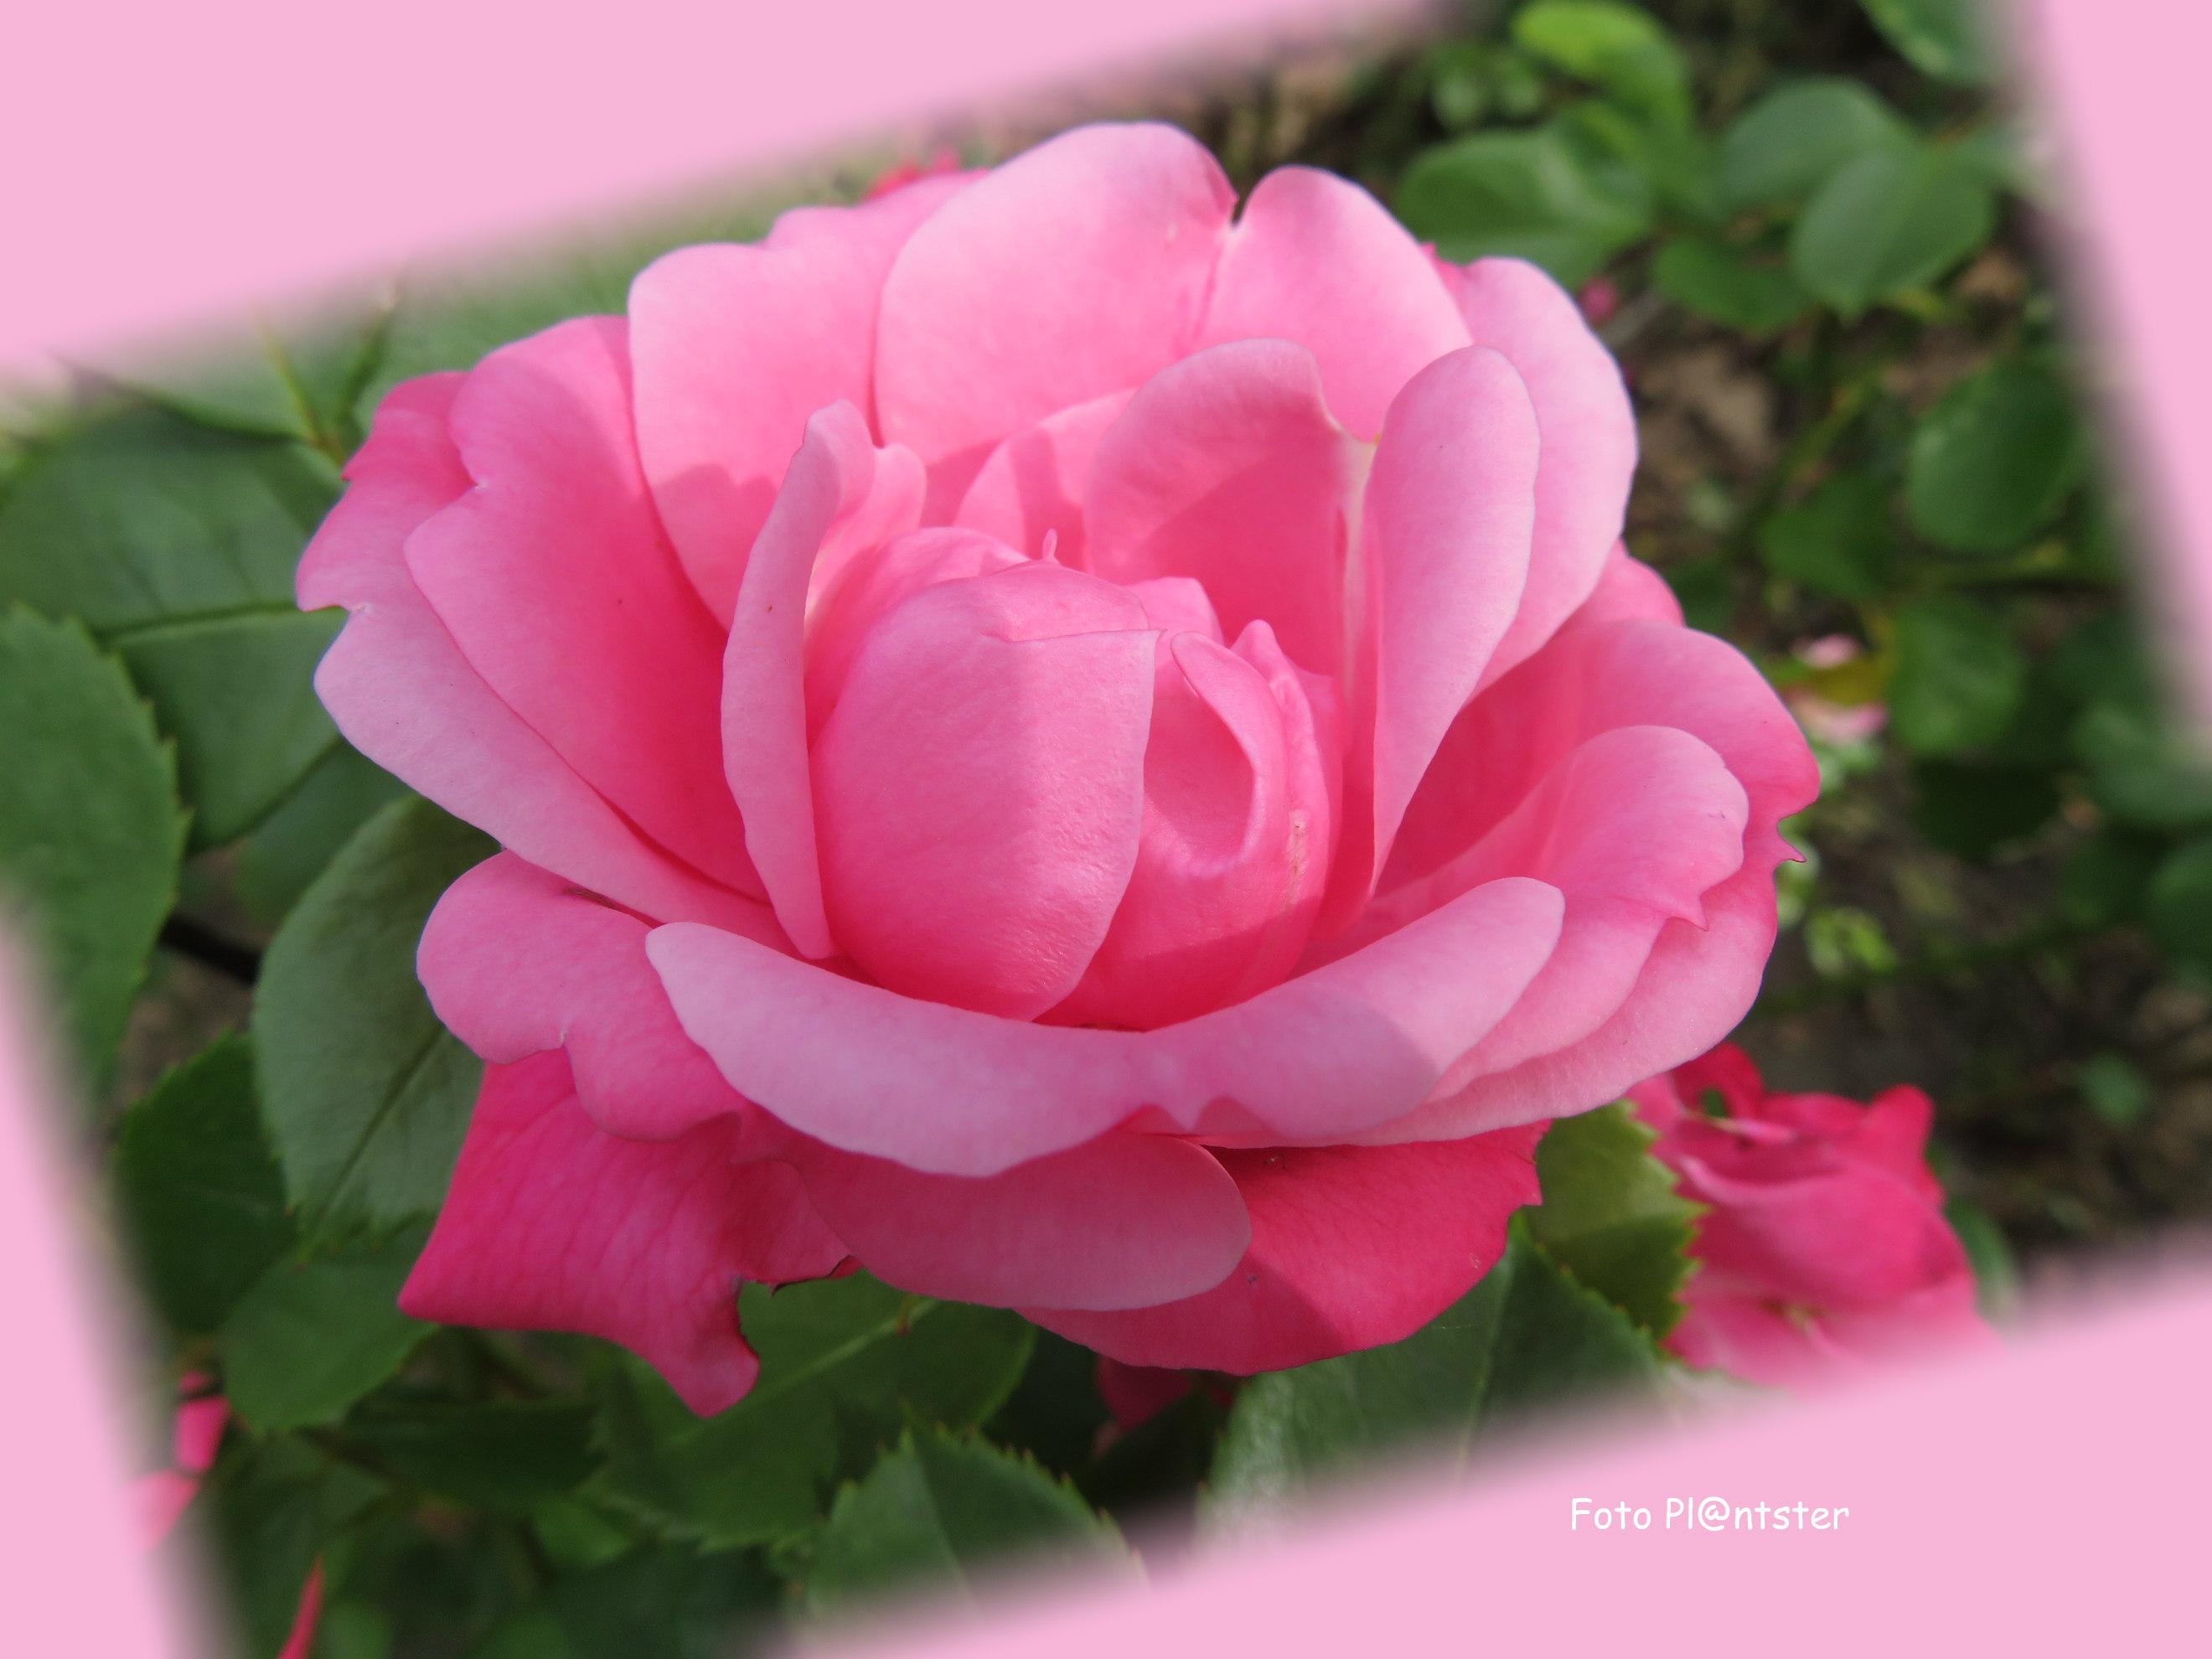 IMG_5985 Ik geef jou 'n roos